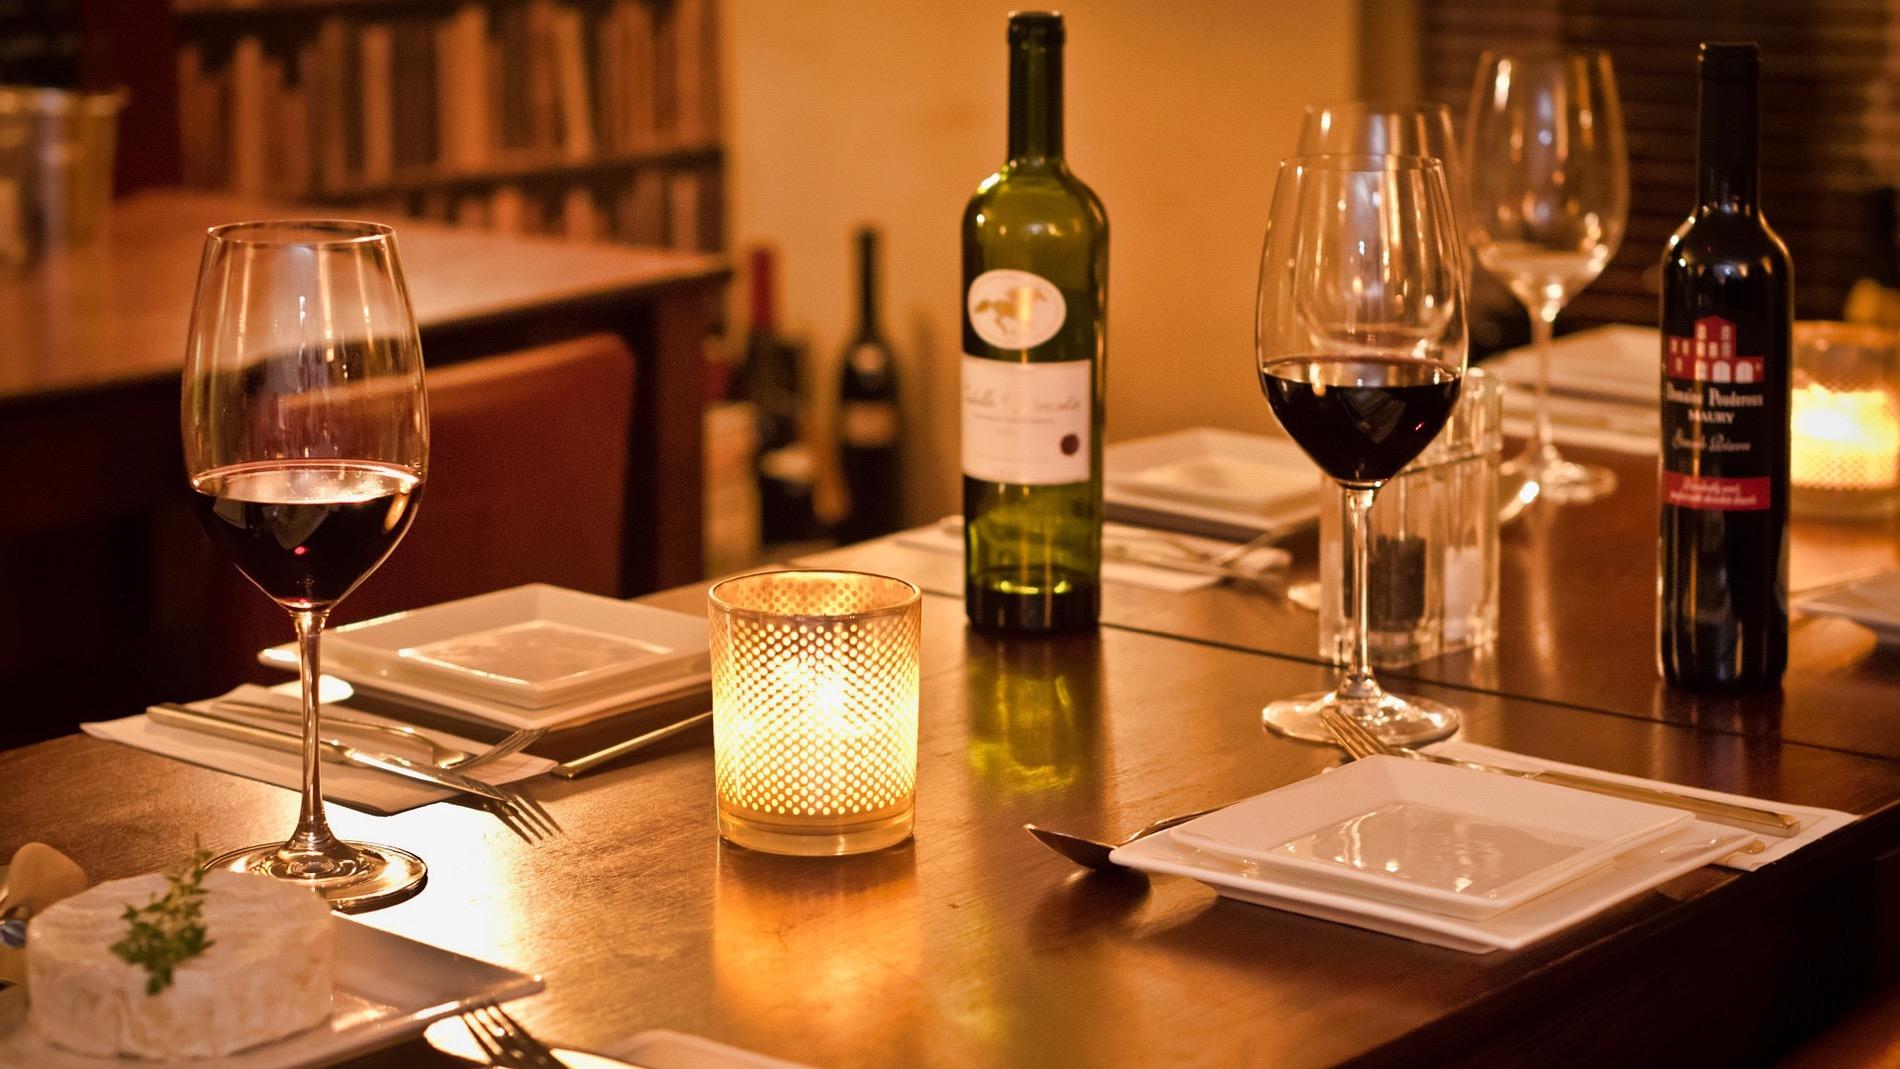 mesa extensible para cenar